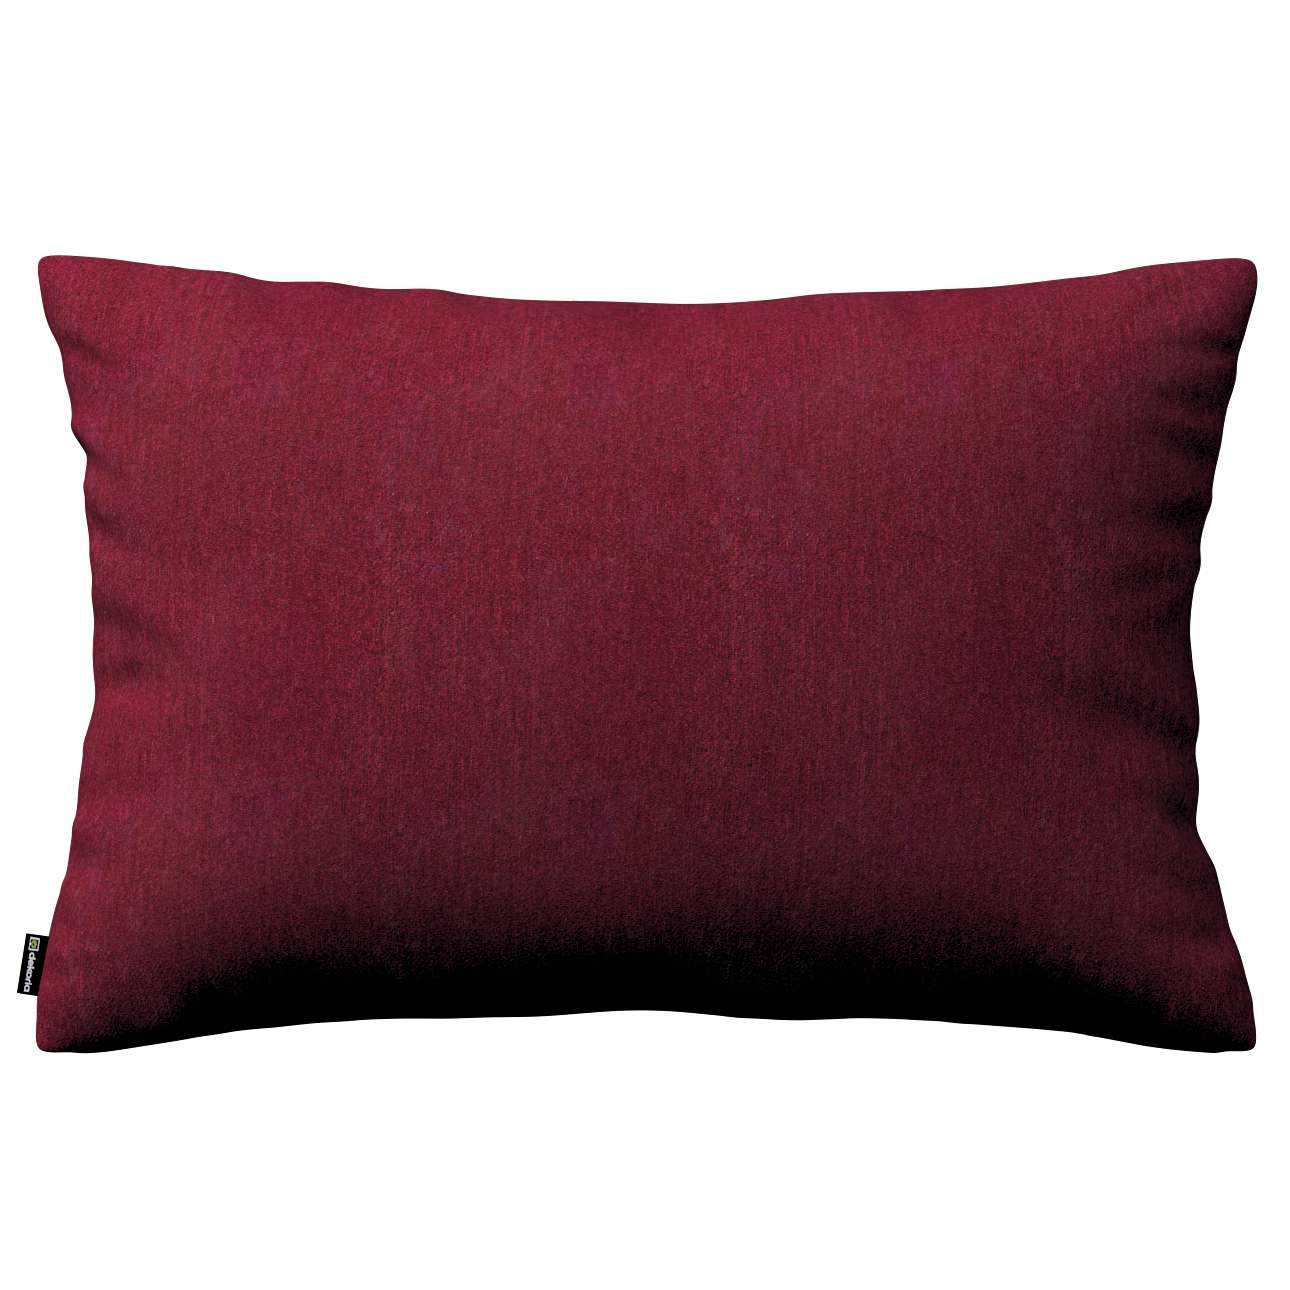 Kinga dekoratyvinės pagalvėlės užvalkalas 60x40cm 60x40cm kolekcijoje Chenille, audinys: 702-19